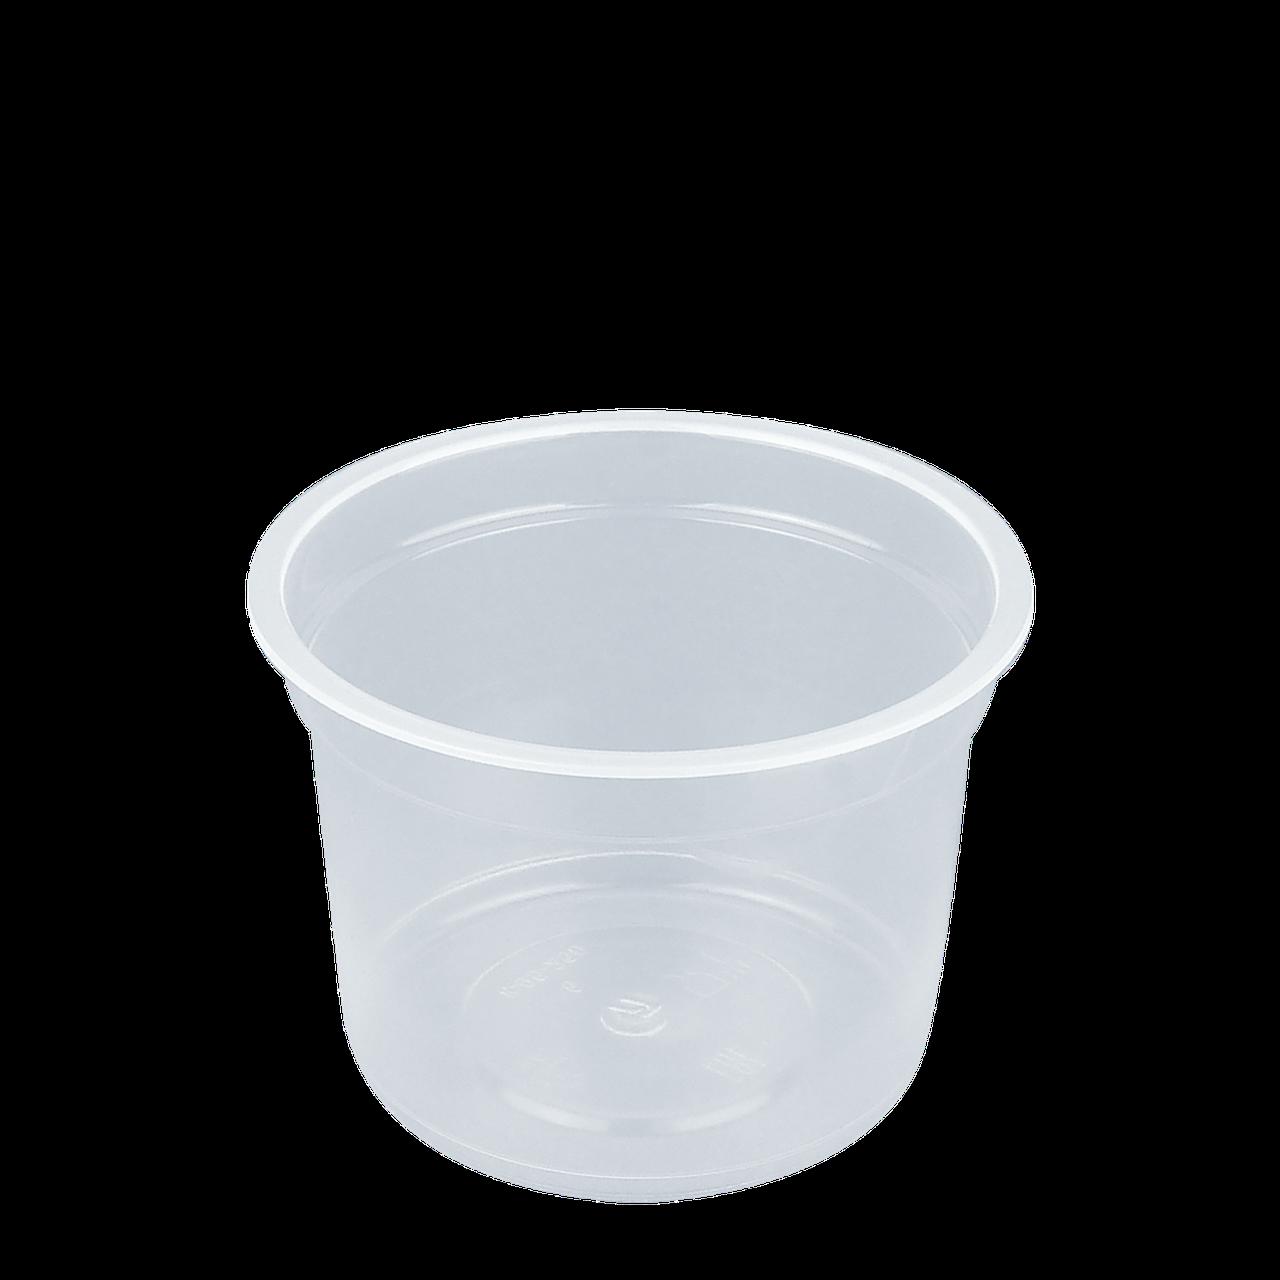 Контейнер прозрачный ПП  250 мл для пищевых продуктов  95-КП(1уп/25 шт)